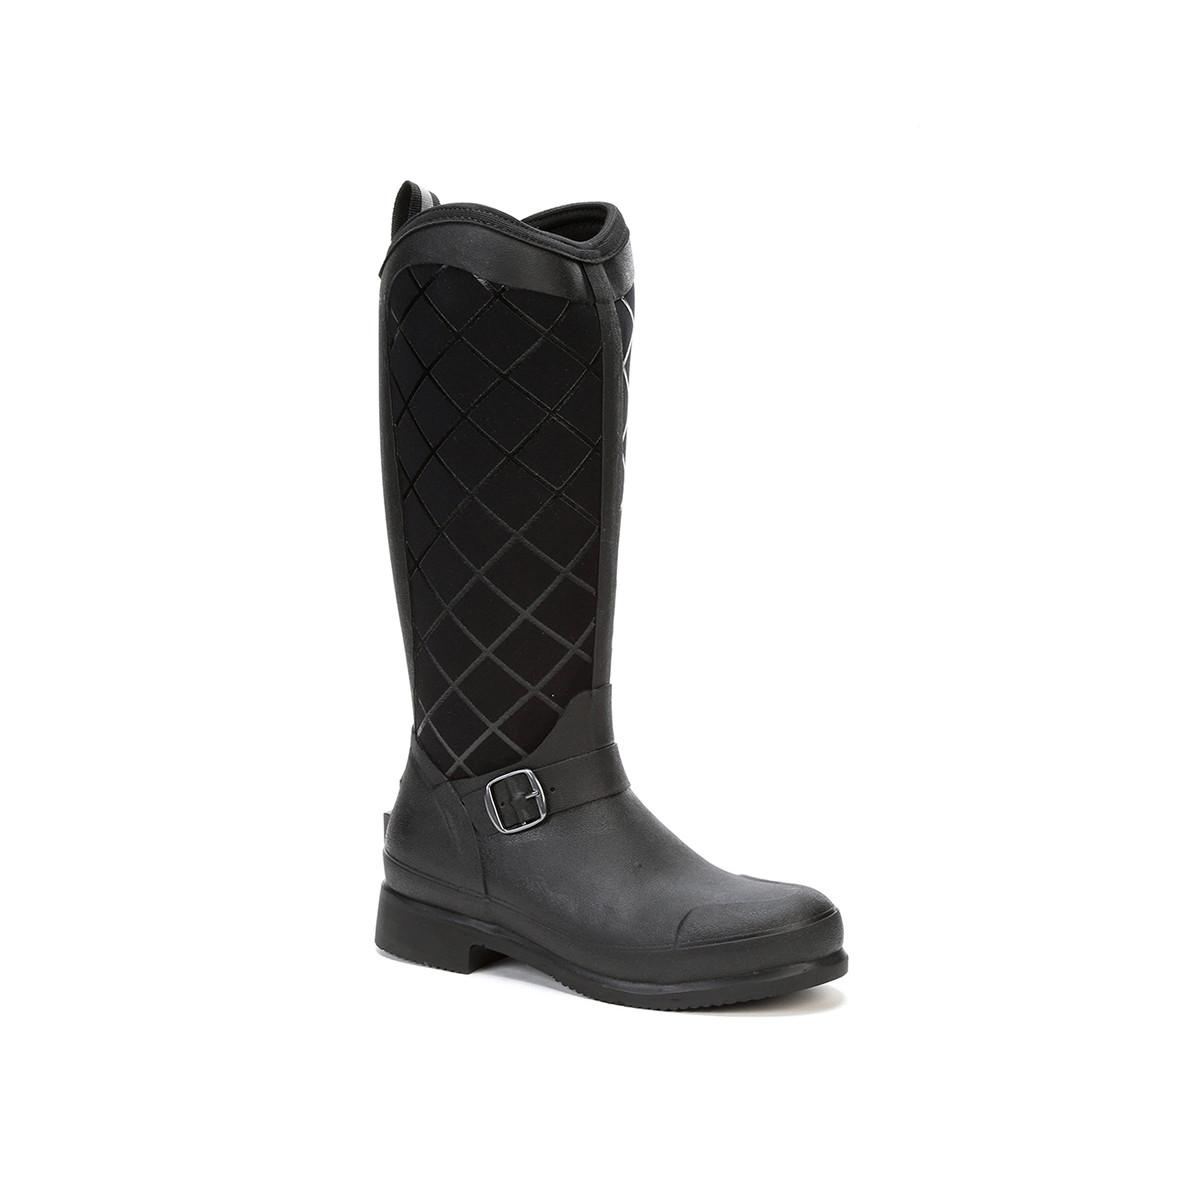 Insulated Muck Boots nEz6E3KL